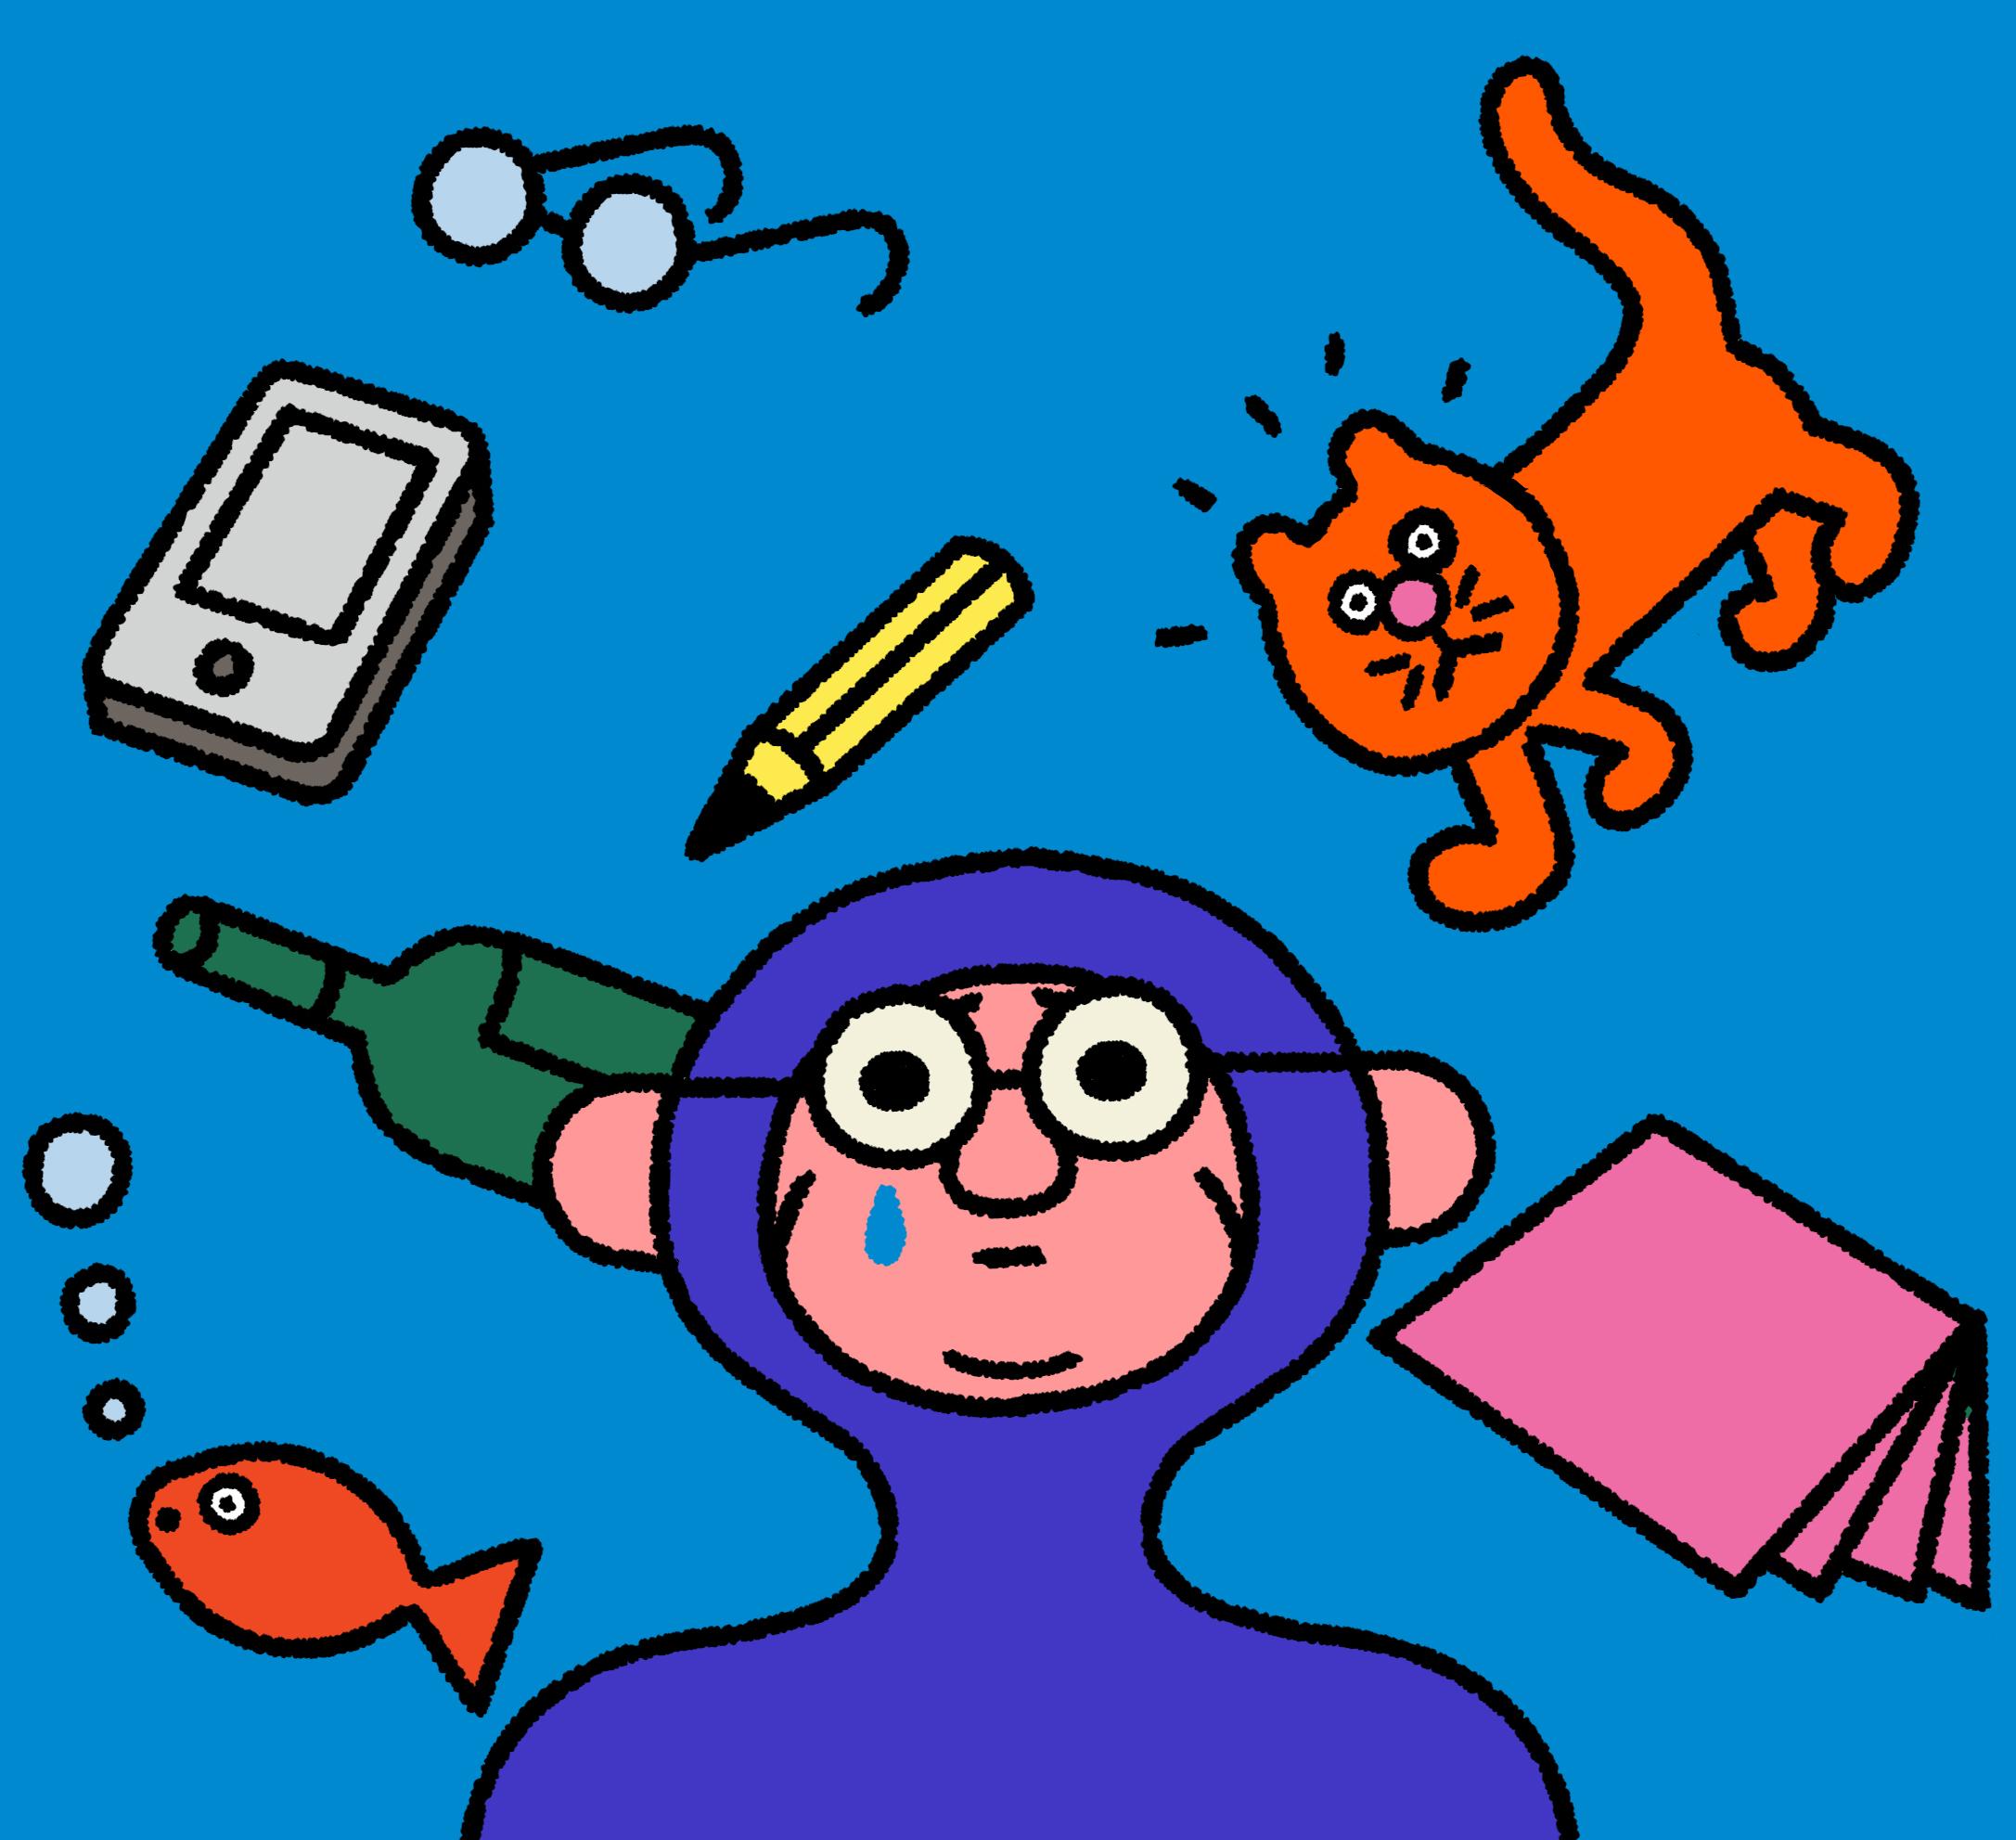 Ilustración de una persona en el agua con un pez, gafas, lápiz, teléfono y un gato flotando.